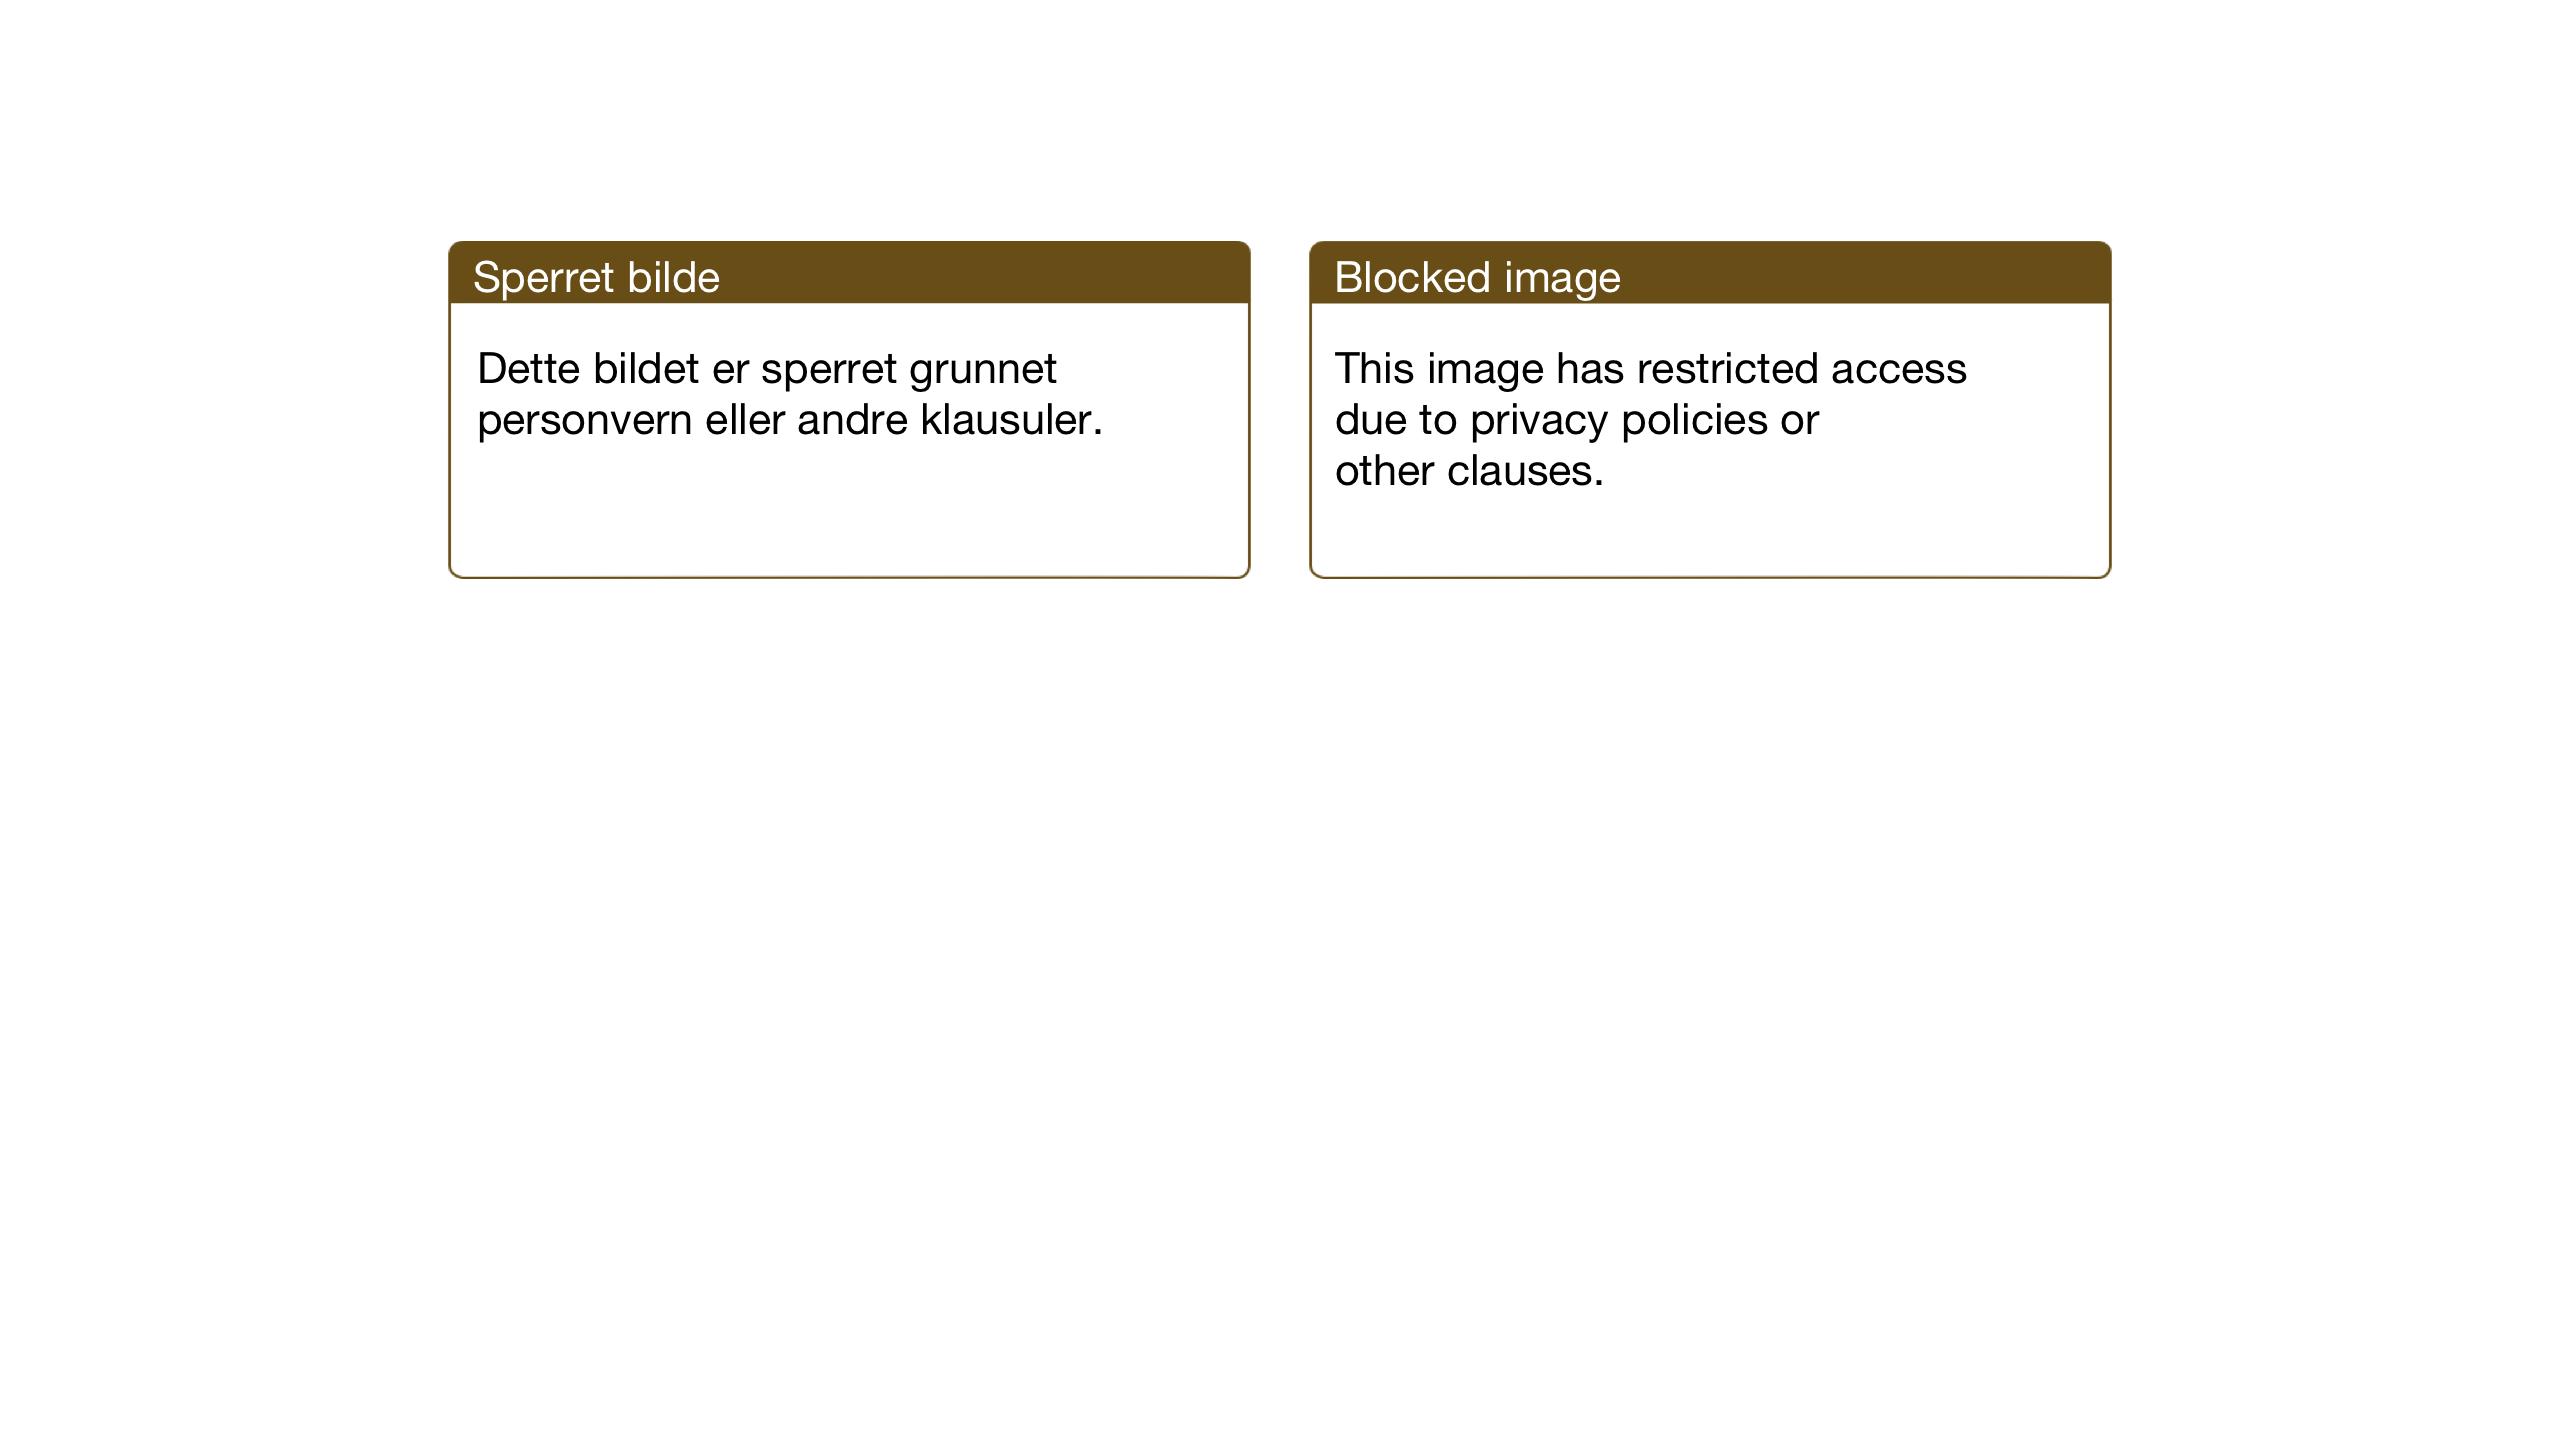 SAT, Ministerialprotokoller, klokkerbøker og fødselsregistre - Nord-Trøndelag, 714/L0136: Klokkerbok nr. 714C05, 1918-1957, s. 257